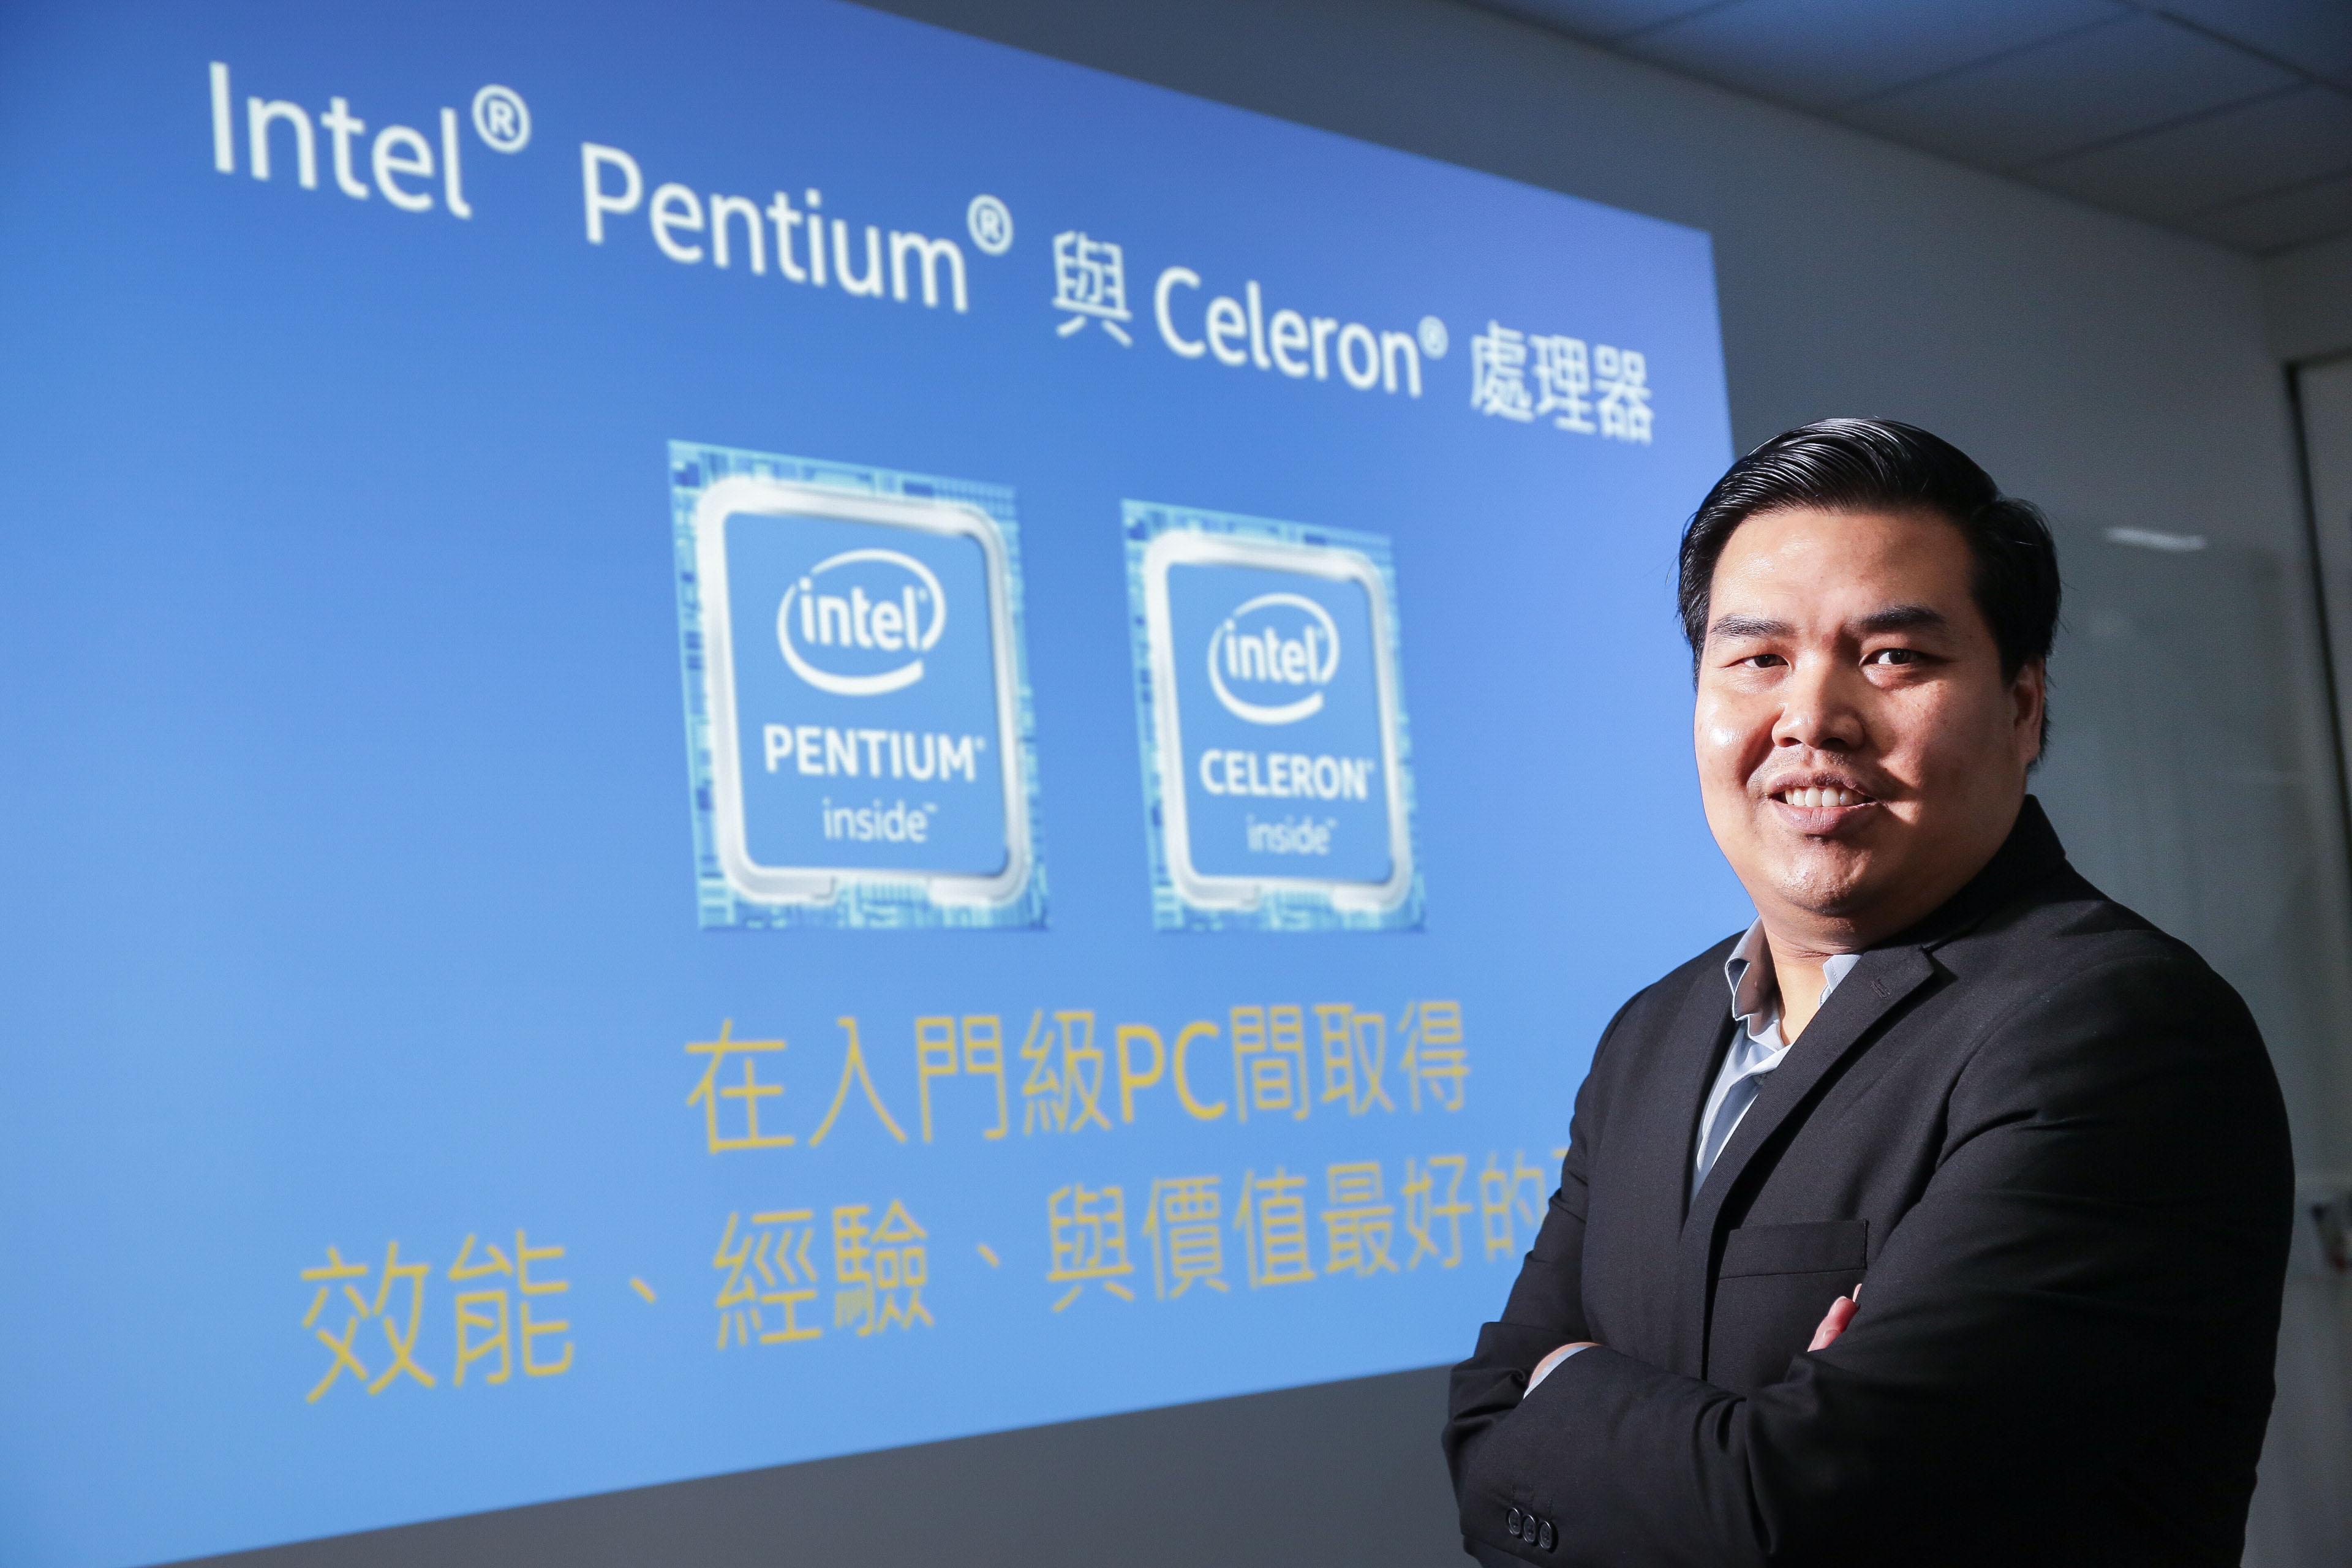 全新Pentium與Celeron處理器4